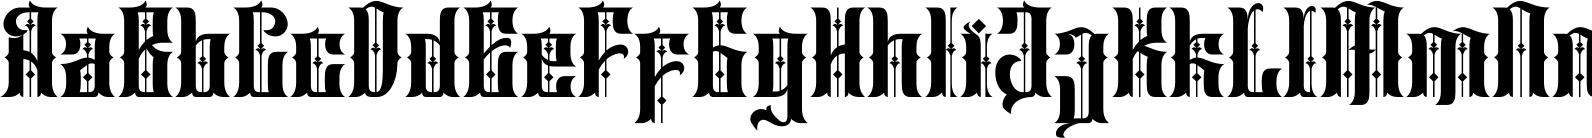 Sirunian